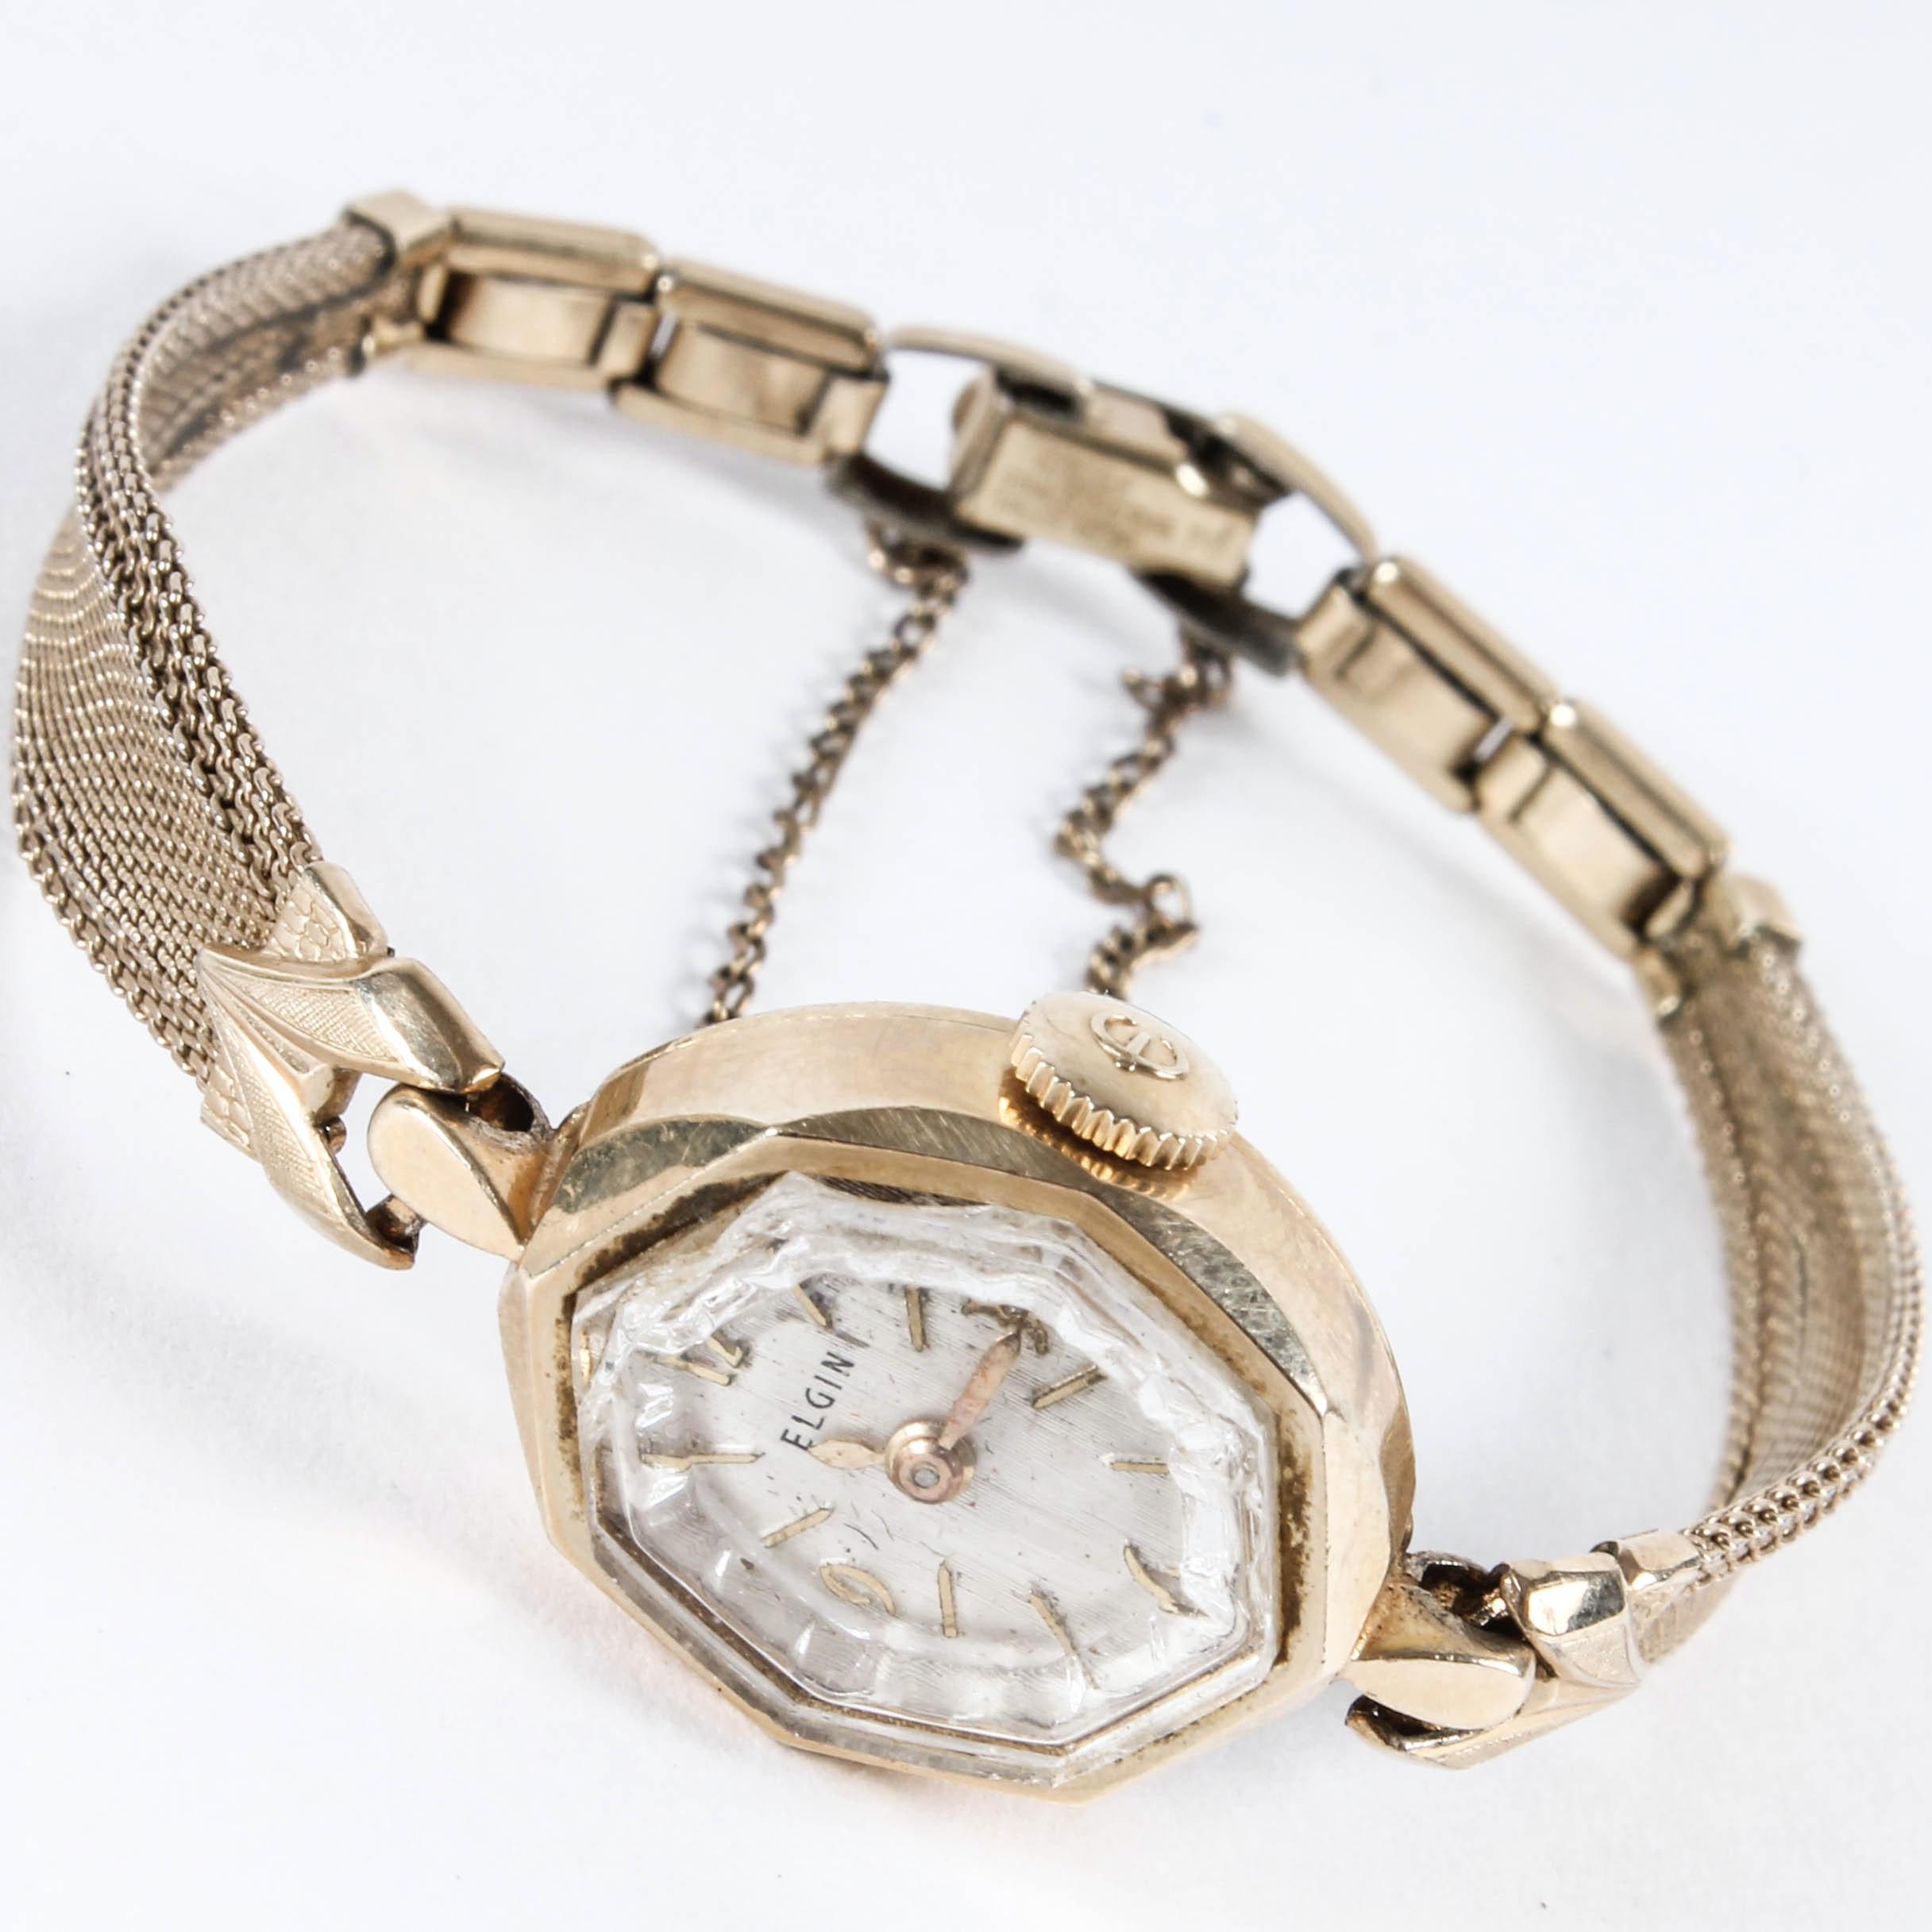 Vintage 14K Yellow Gold Elgin Wristwatch